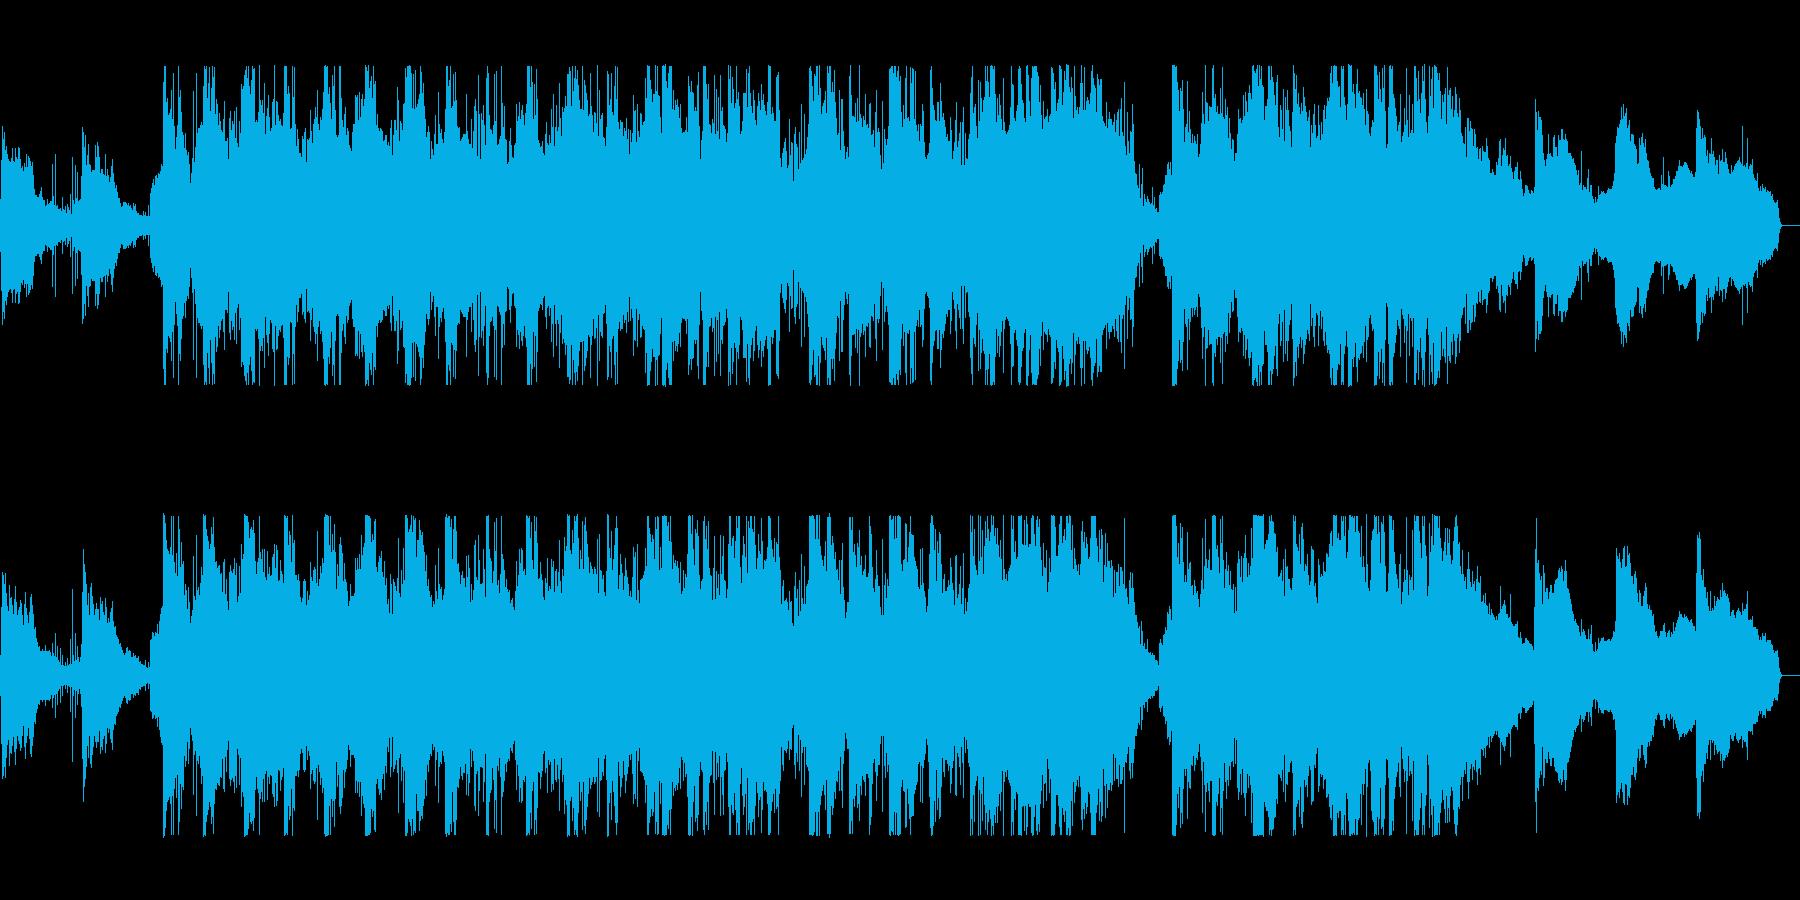 バイオリンの旋律が成熟さを連想させる曲の再生済みの波形